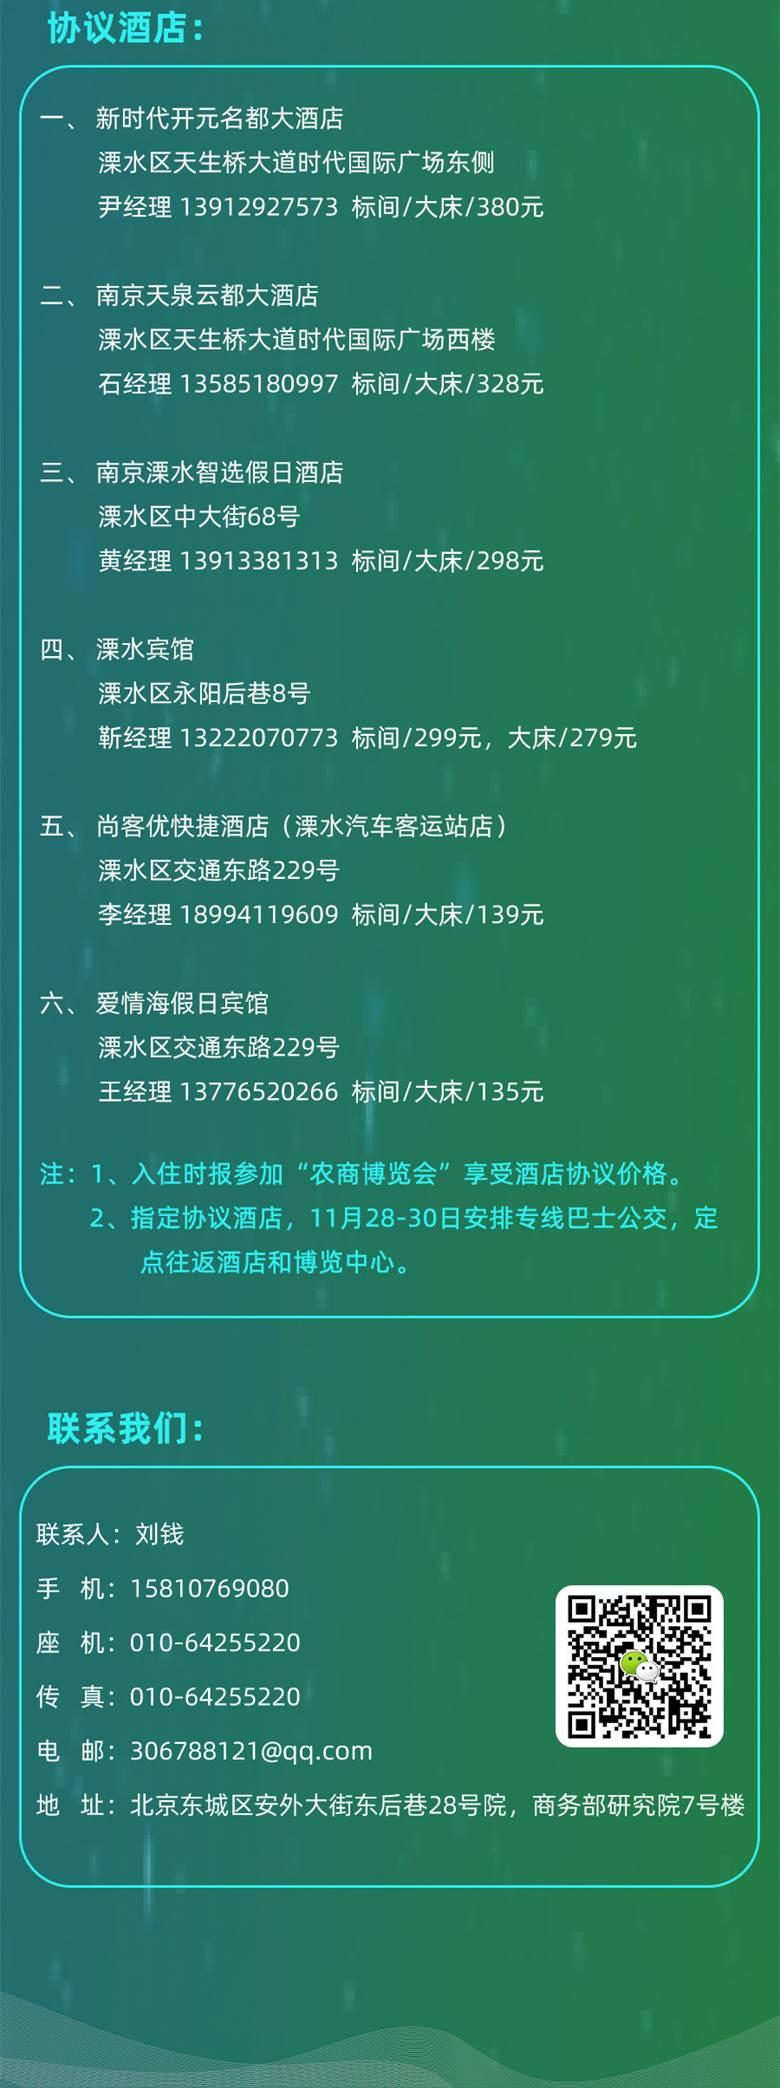 2020中国农村电商供应链博览会6.jpg